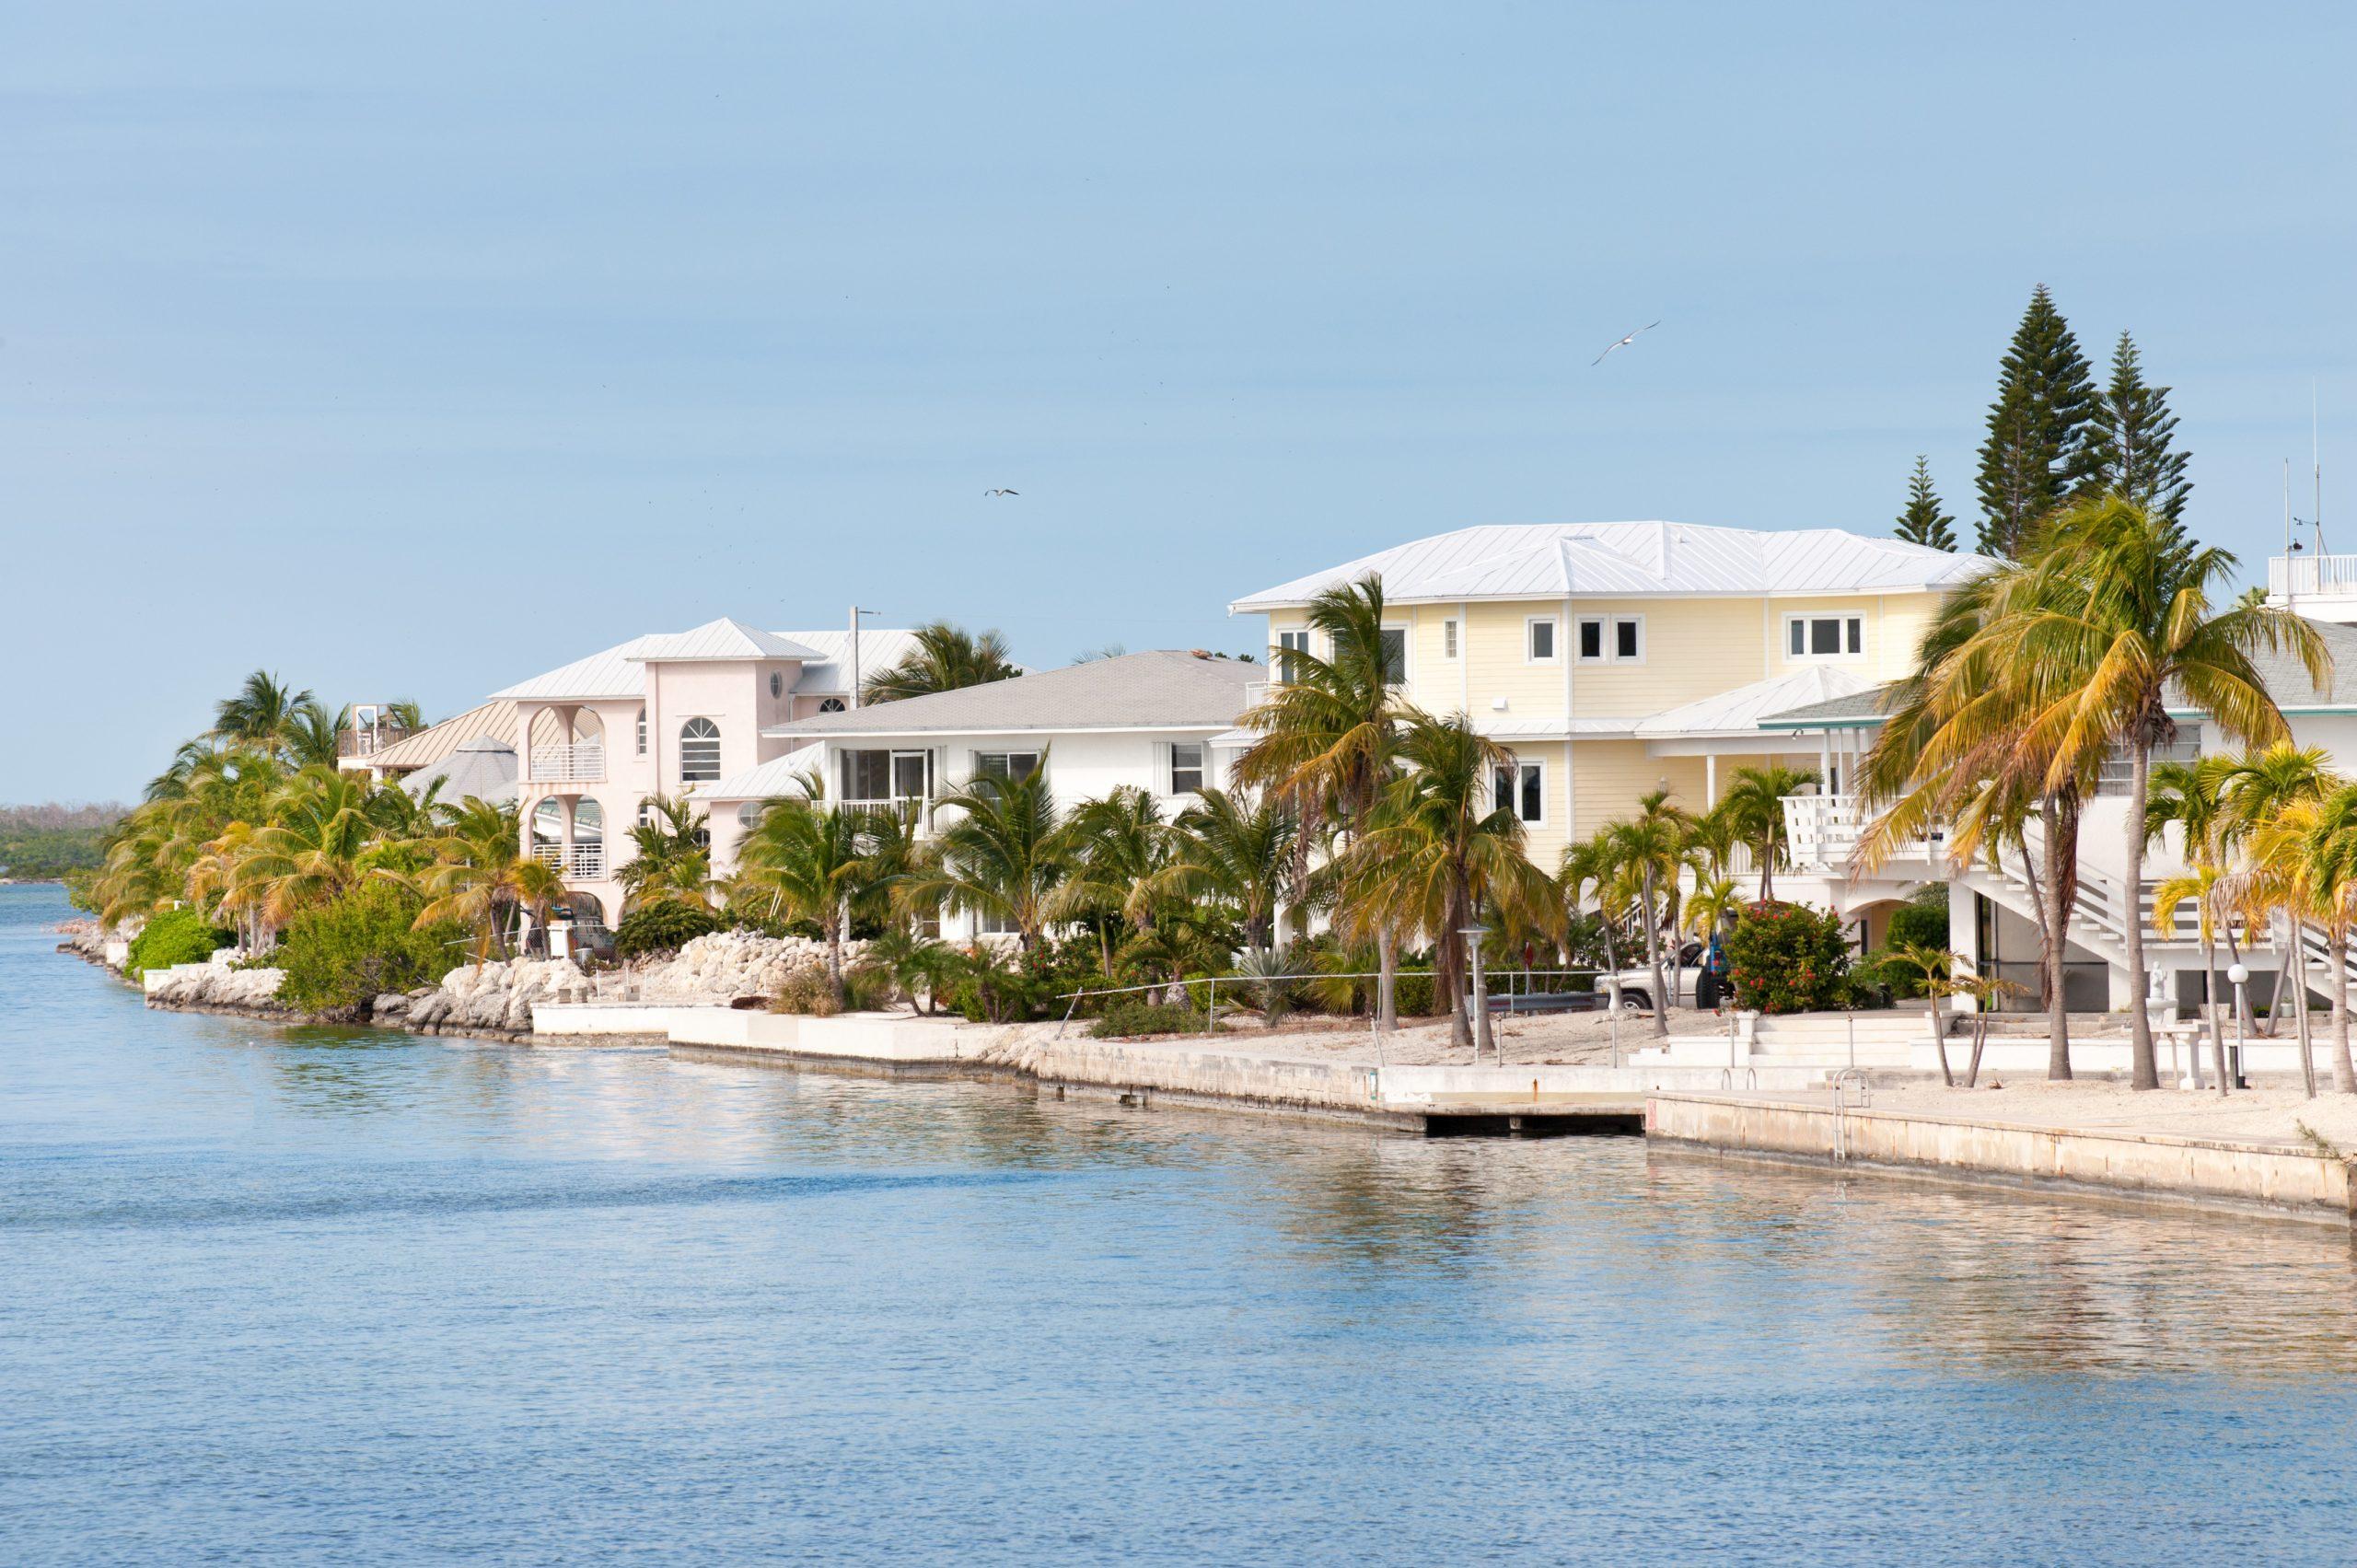 Flórida se torna atrativa também para brasileiros que residem em outros estados da América